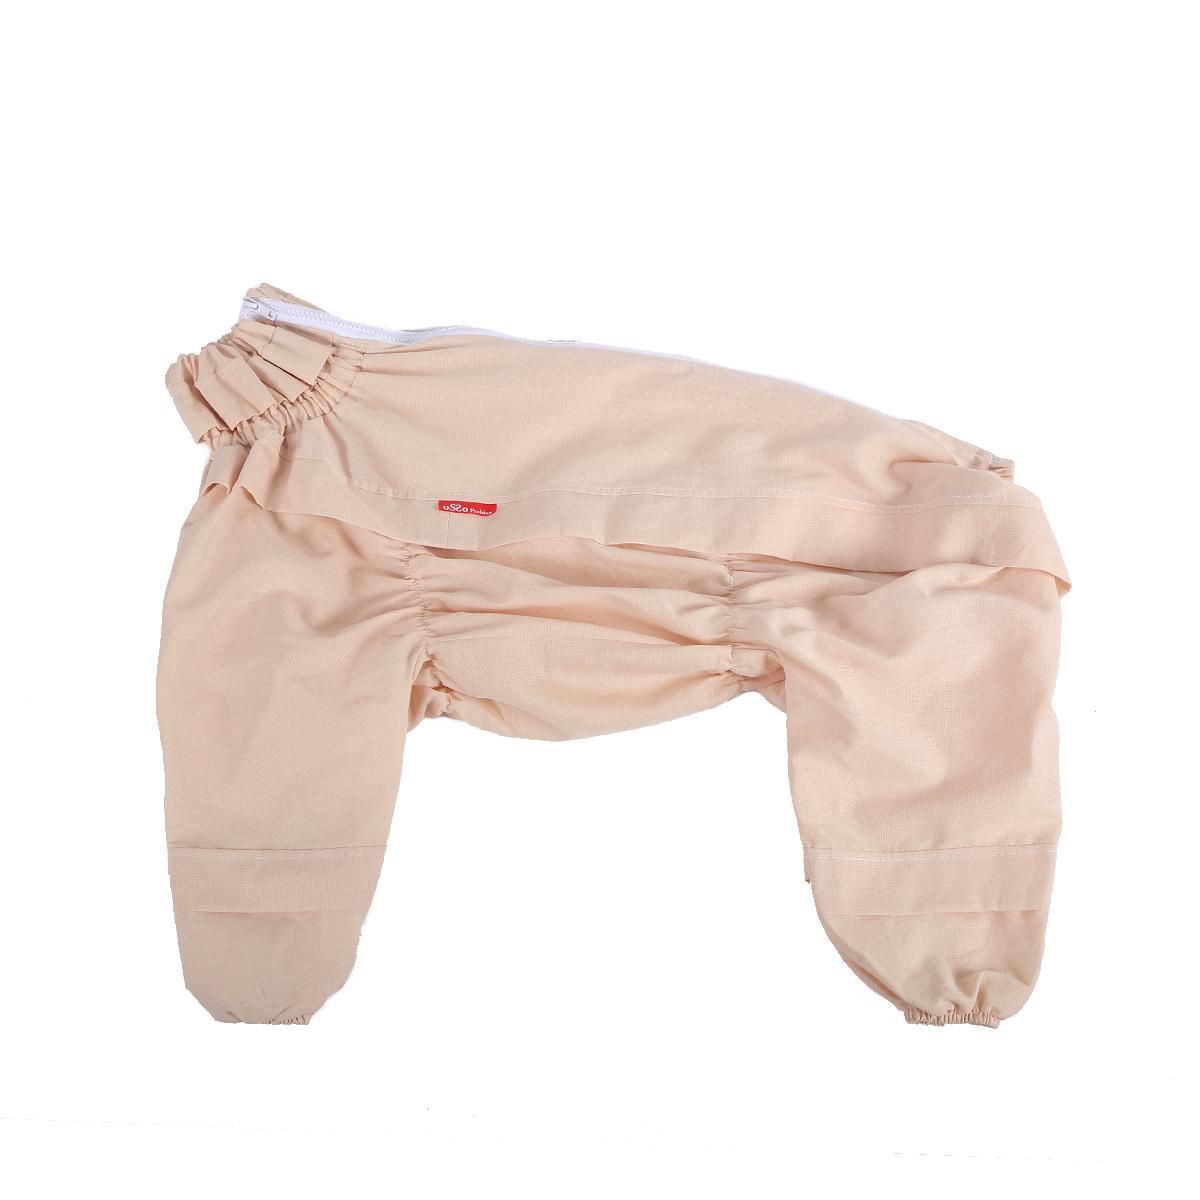 Комбинезон для собак OSSO Fashion, от клещей, для мальчика, цвет: бежевый. Размер 50Кк-1006Комбинезон для собак OSSO Fashion изготовлен из 100% хлопка, имеет светлую расцветку, на которой сразу будут заметны кровососущие насекомые. Комбинезон предназначен для защиты собак во время прогулок по парку и лесу. Разработан с учетом особенностей поведения клещей. На комбинезоне имеются складки-ловушки на груди, на штанинах, на боках комбинезона и на шее, которые преграждают движение насекомого вверх. Комбинезон очень легкий и удобный. Низ штанин на резинке, на спине застегивается на молнию. Длина спинки: 50 см. Объем груди: 64-84 см.